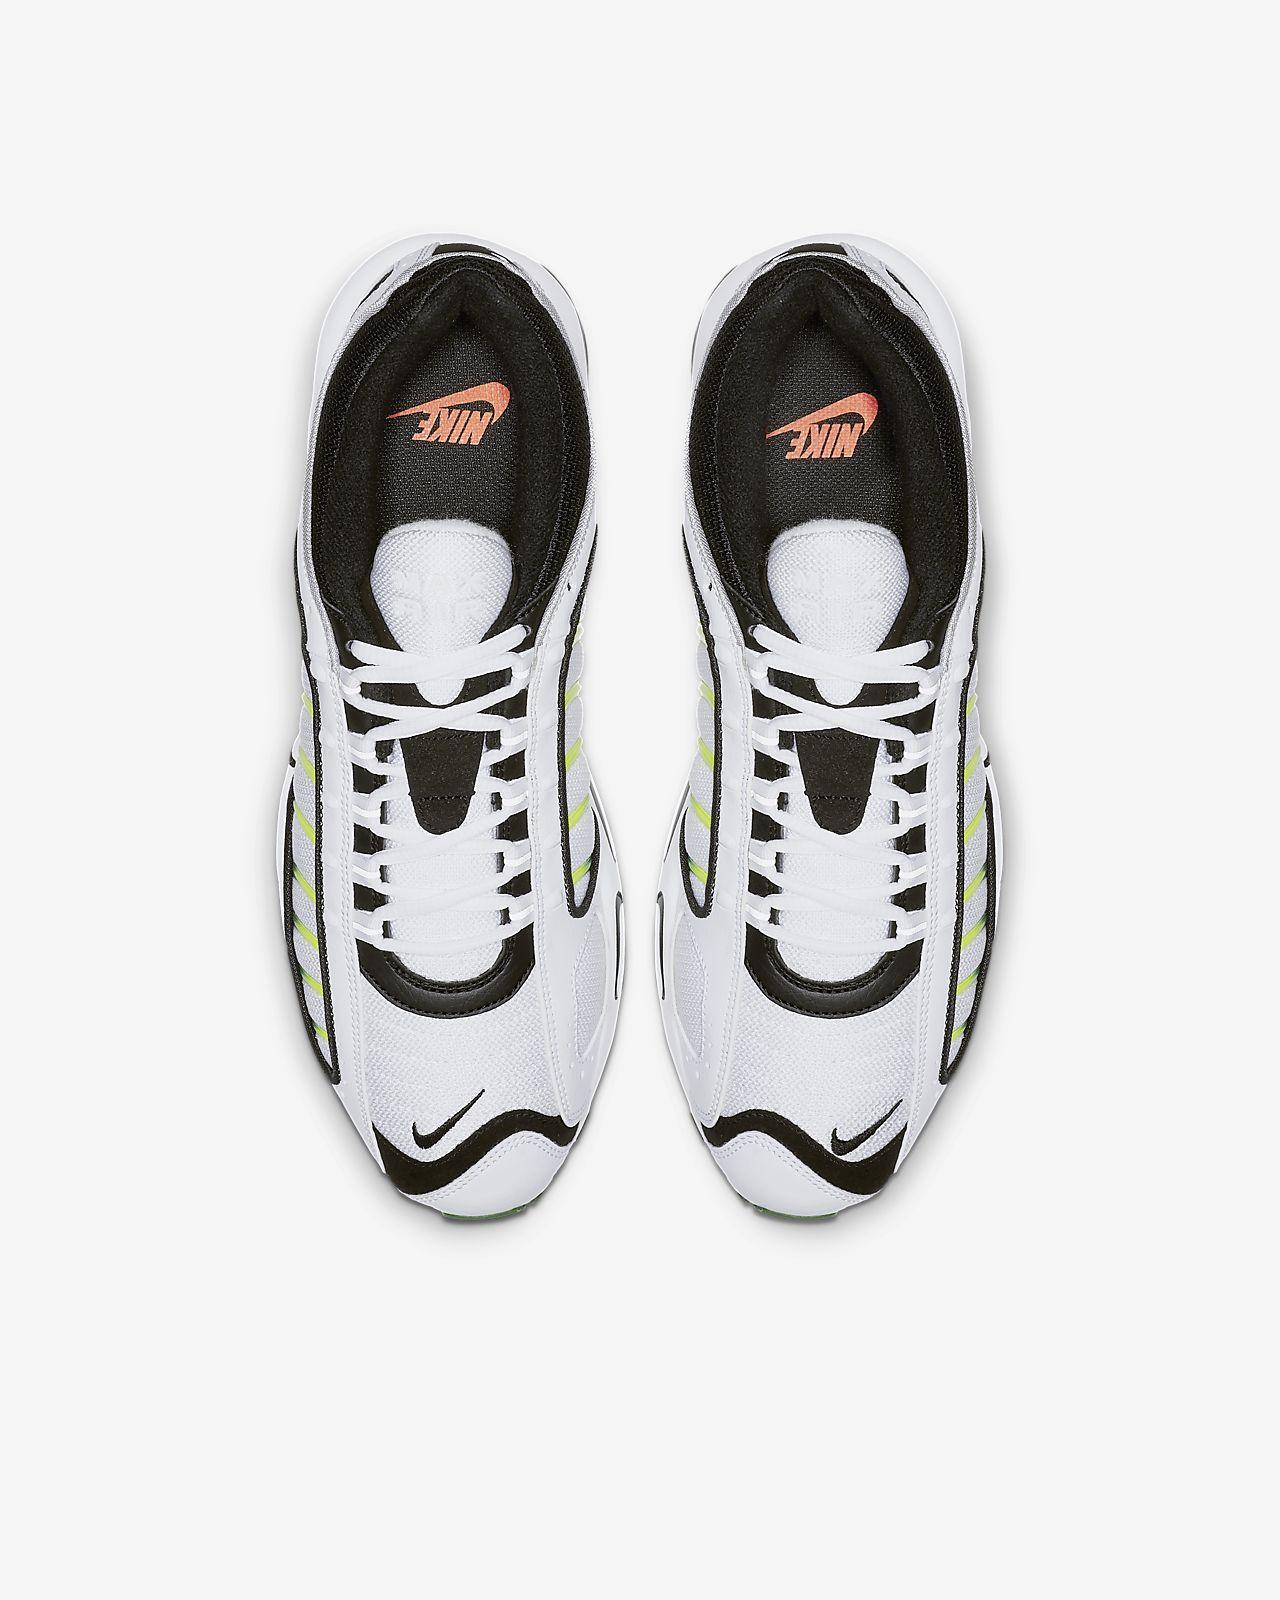 Zuverlässige Qualität Promo Stioll Nike Air Max Plus Schwarz